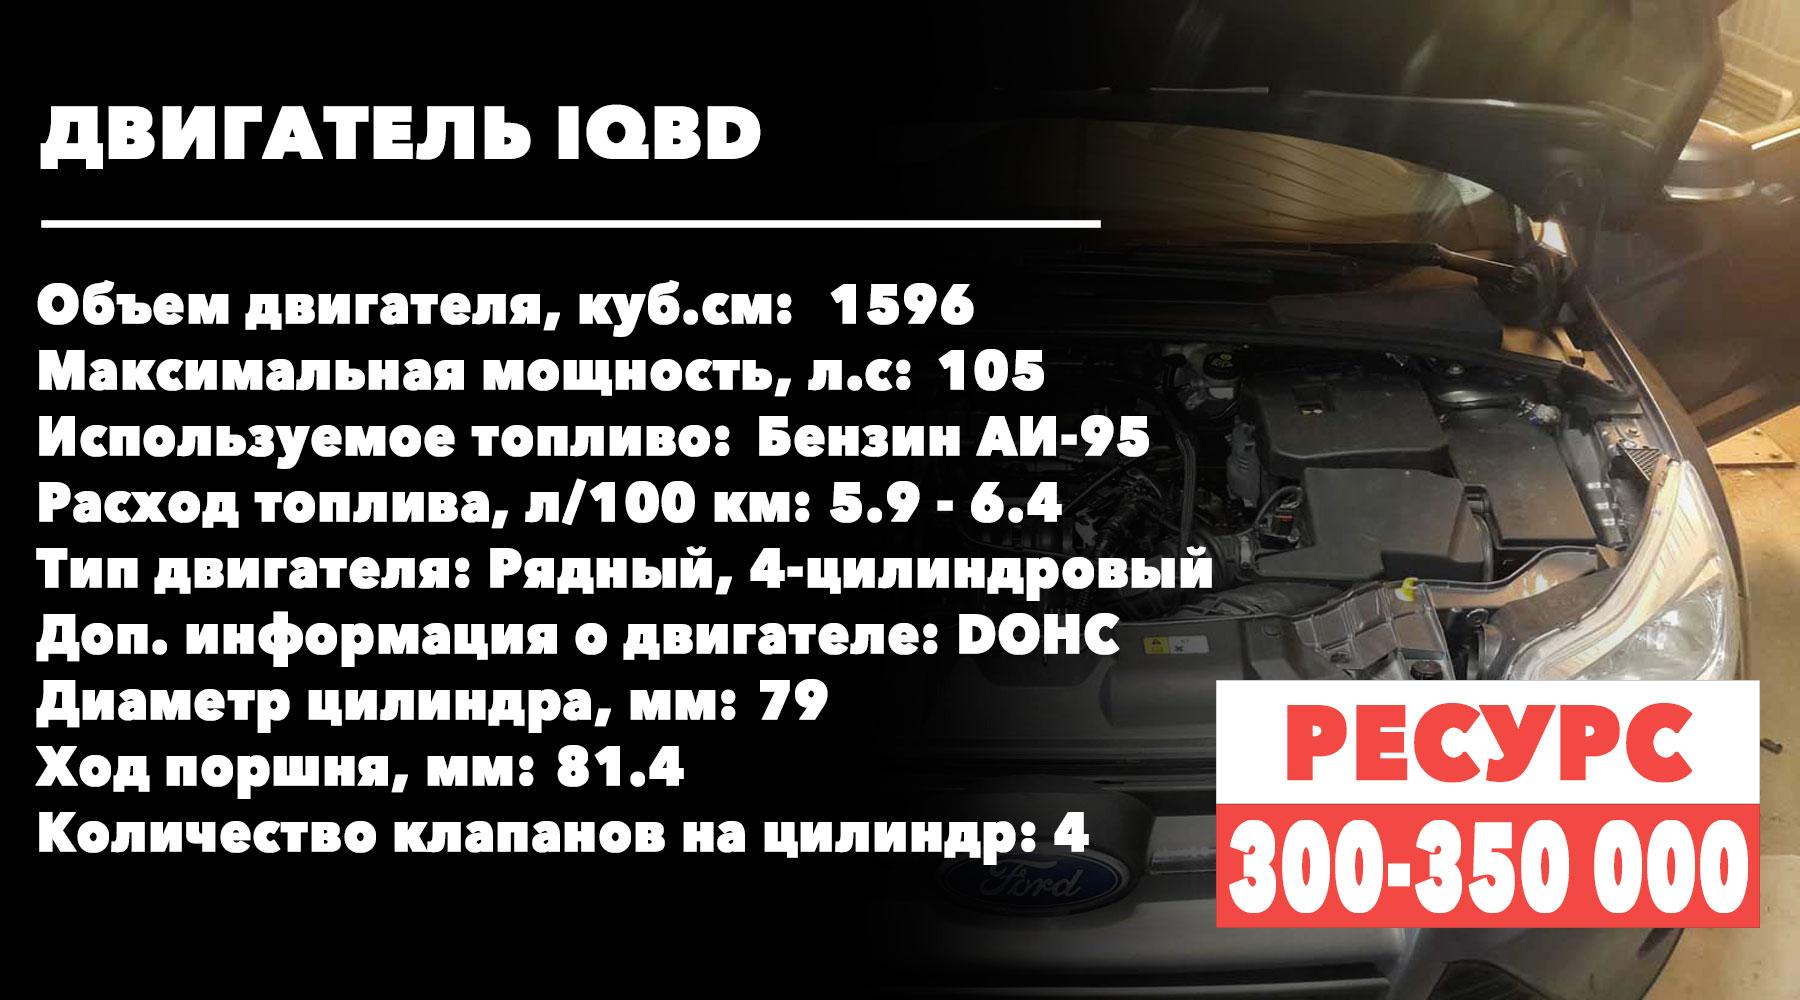 Срок службы 1.6-литровых моторов Ford Focus (IQBD)